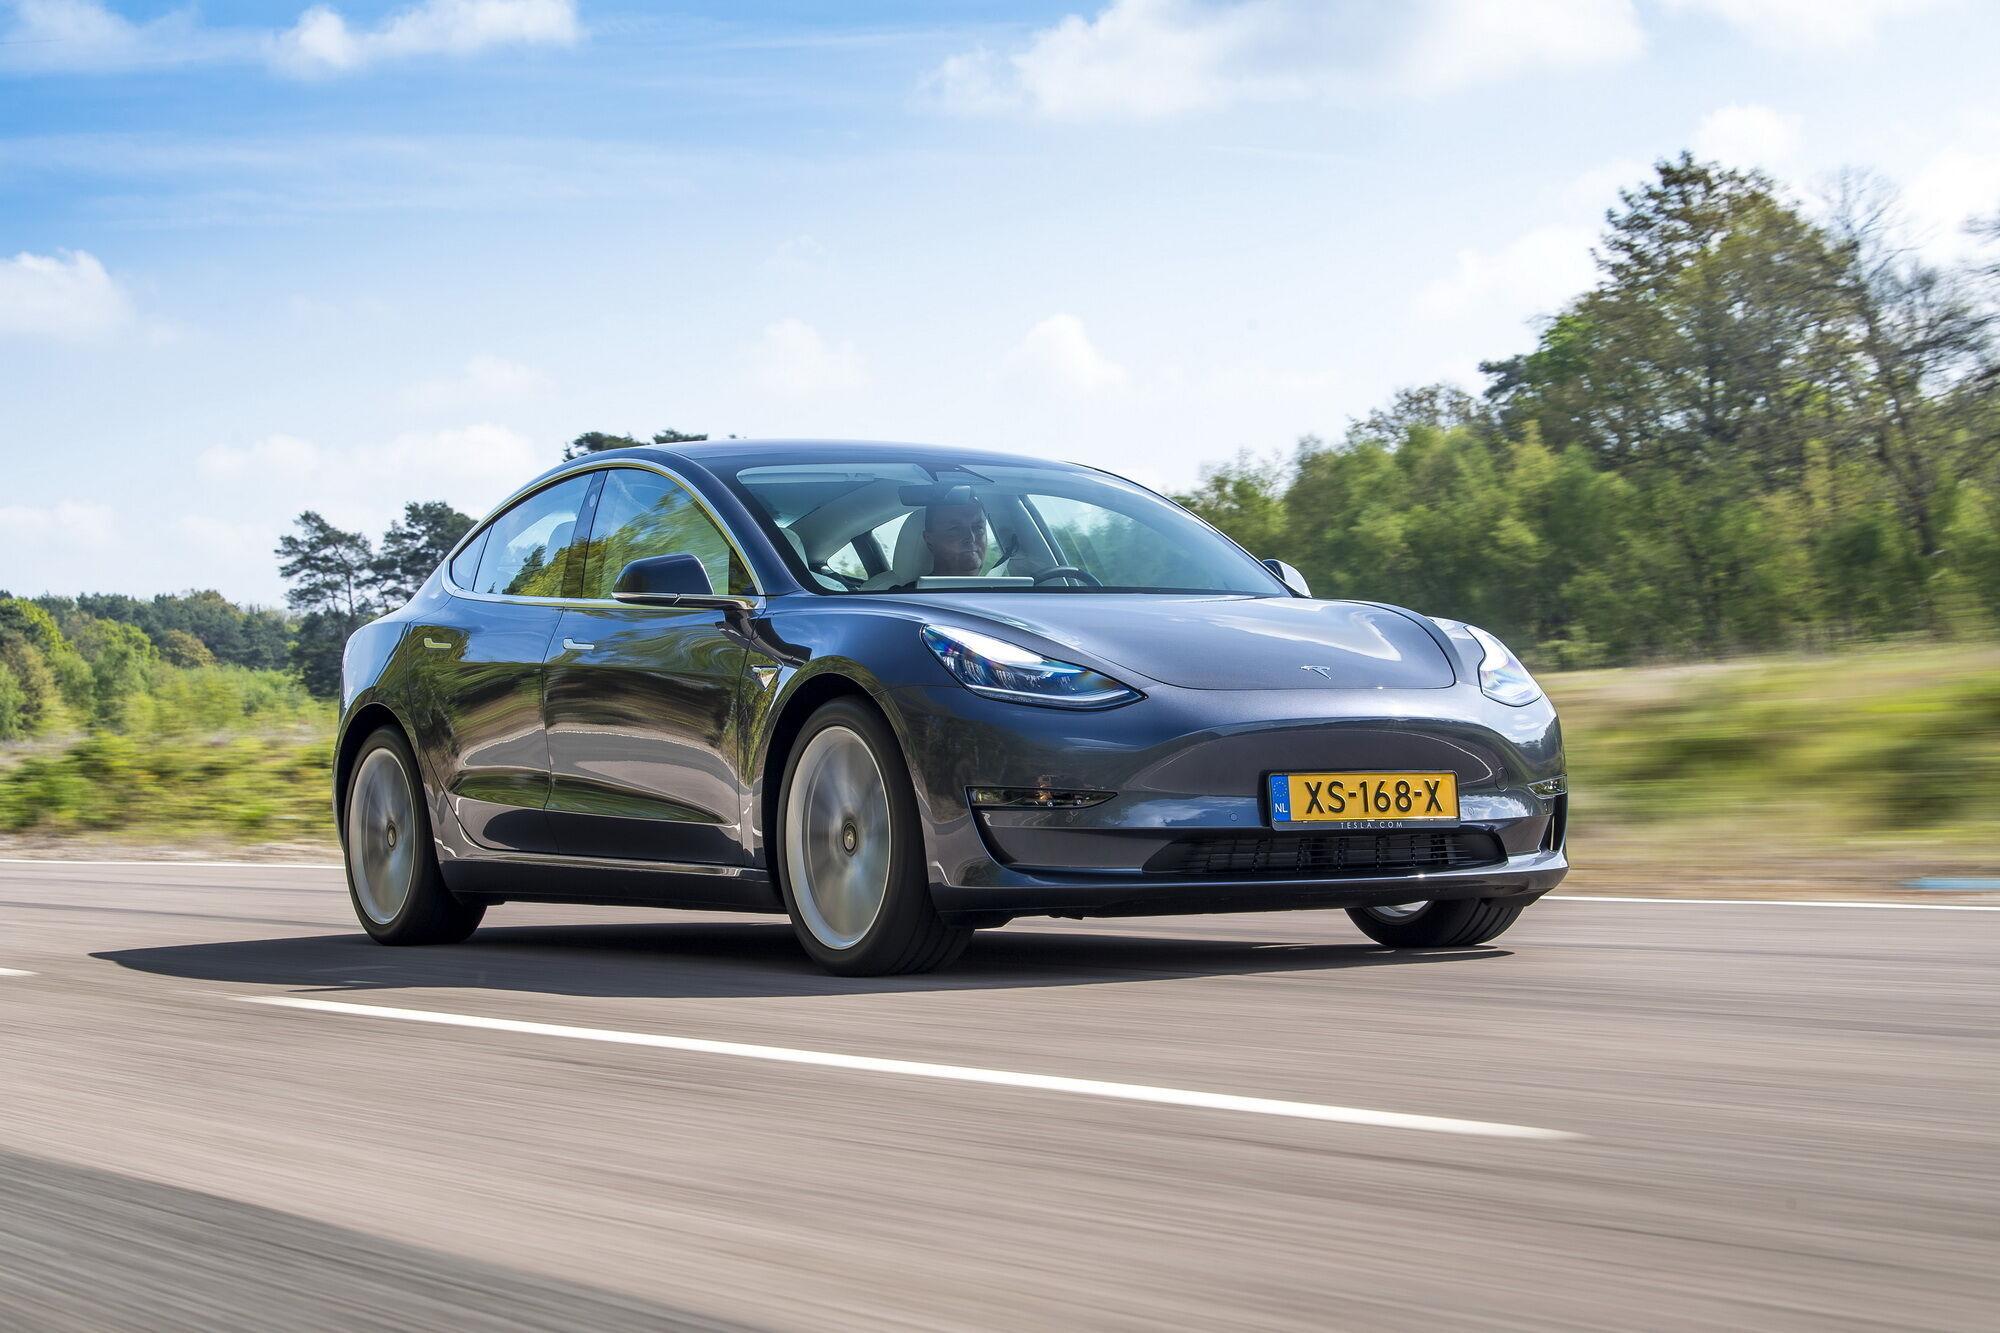 Model Y занимает одно из лидирующих мест в списке самых продаваемых электромобилей